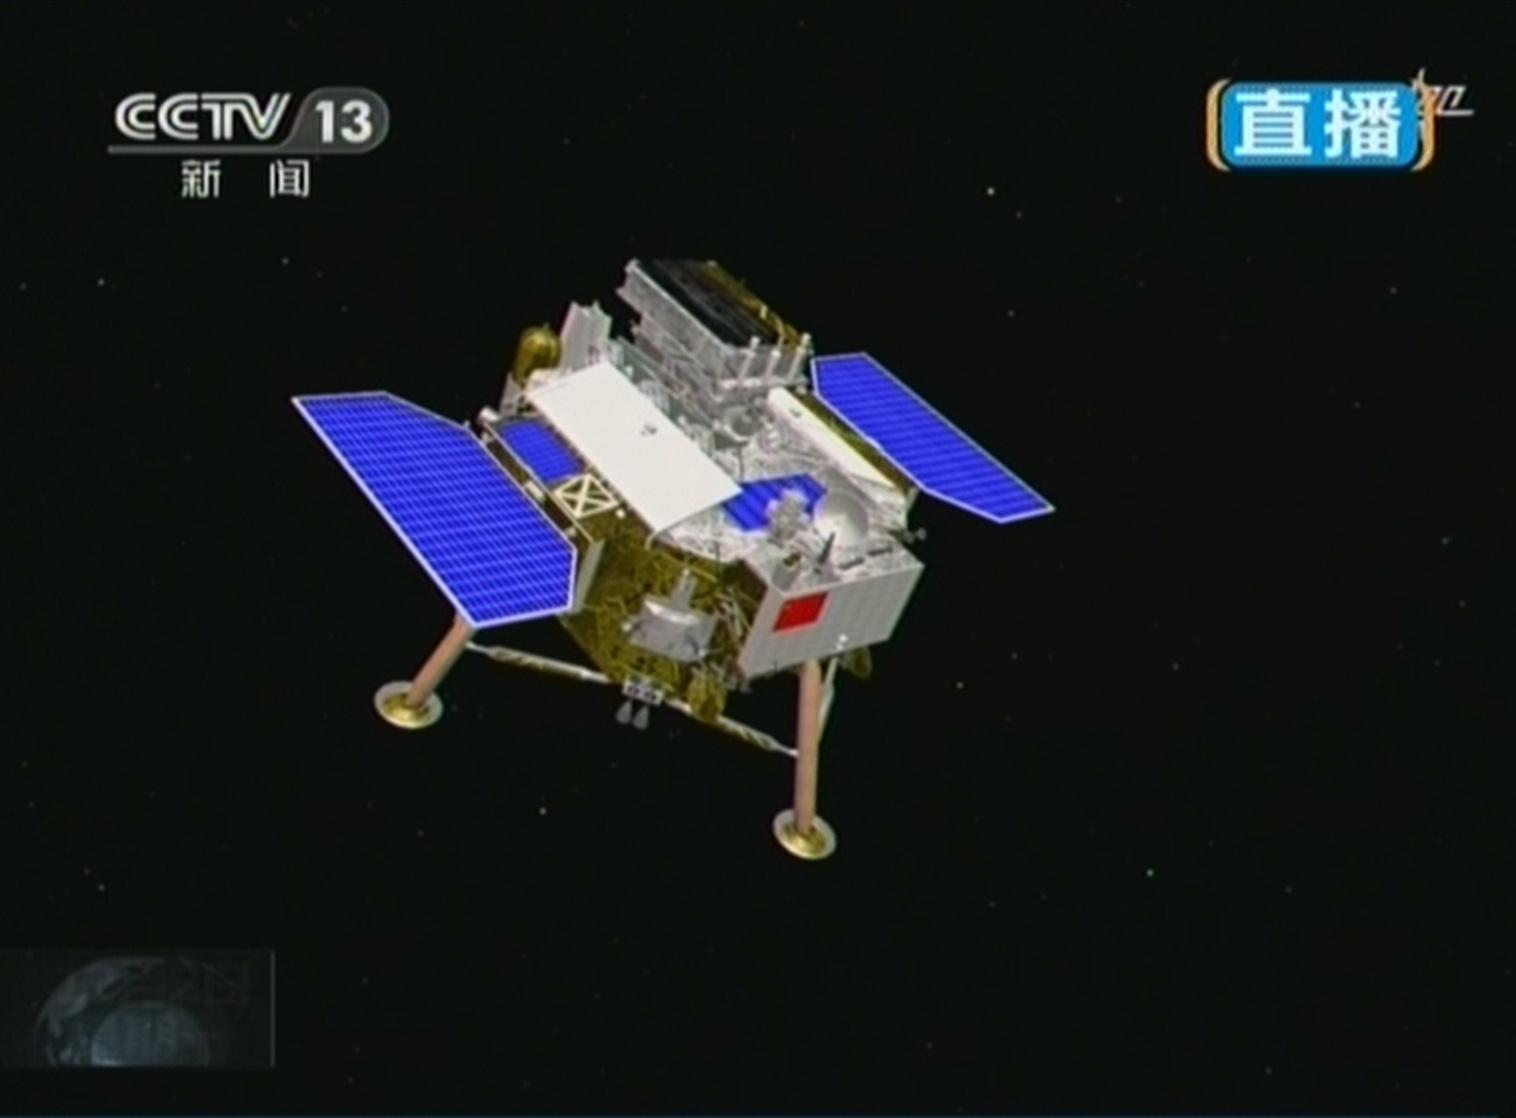 嫦娥五号发射视频直播